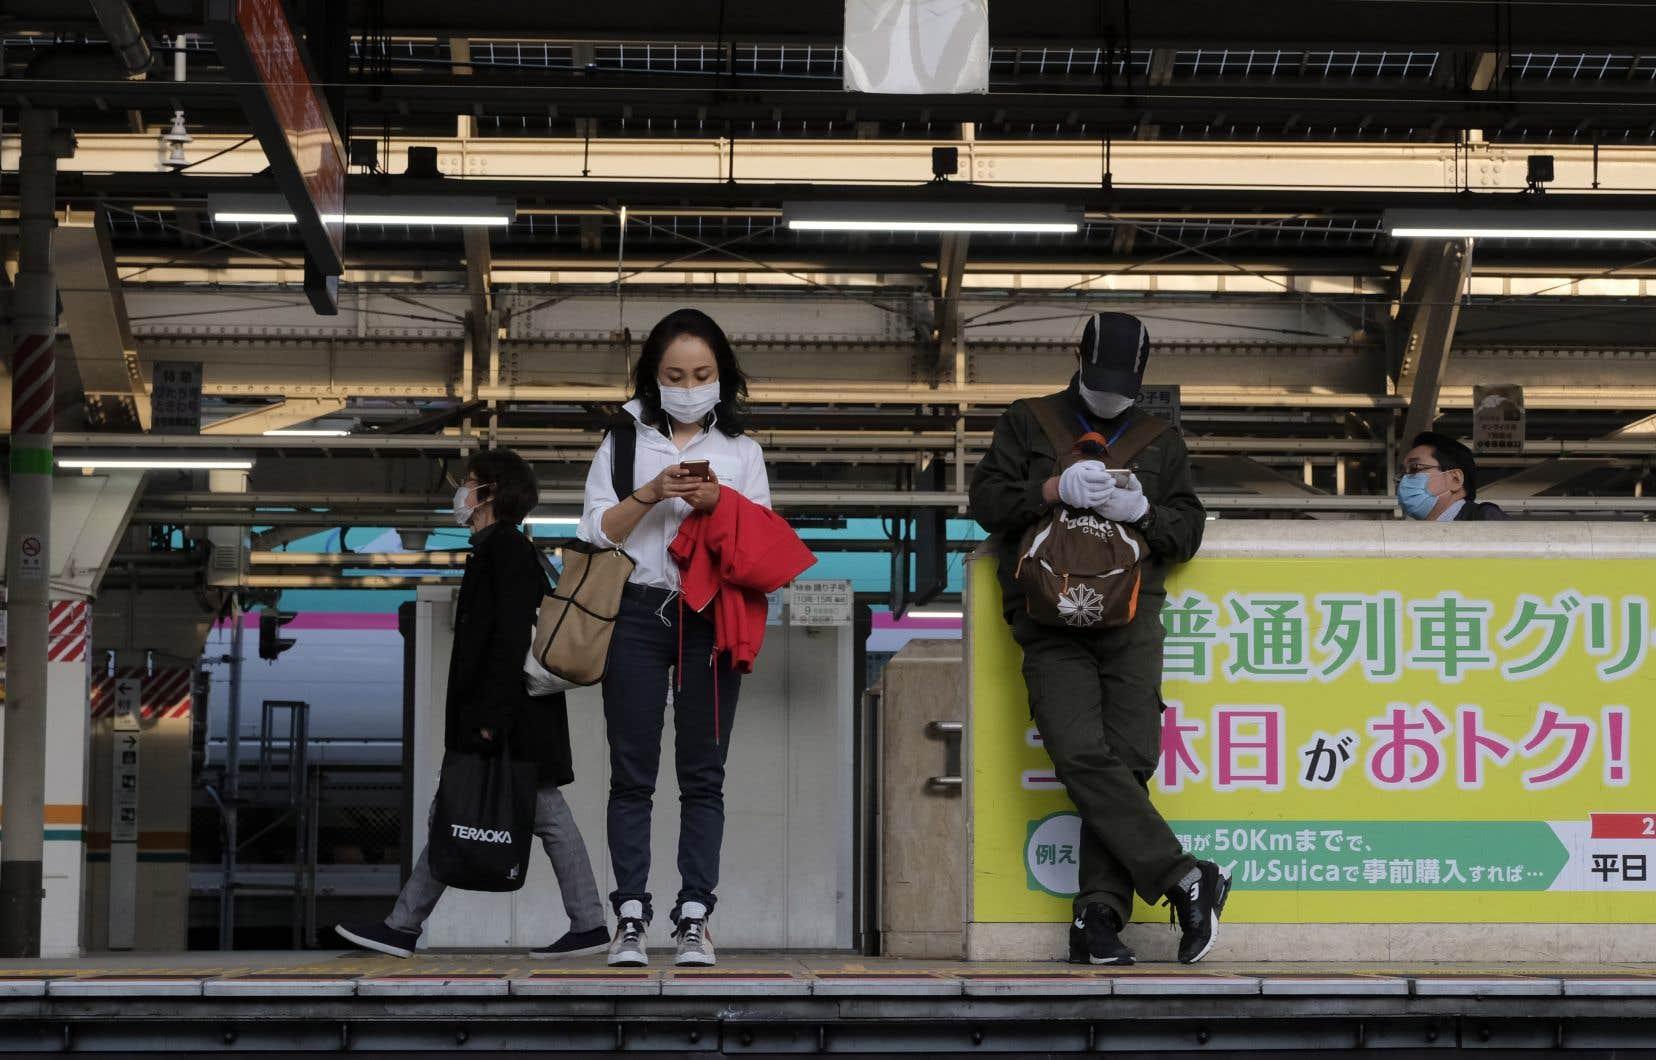 Le Japon a été jusqu'à présent relativement épargné par la pandémie mais le nombre de cas a sensiblement augmenté depuis fin mars.